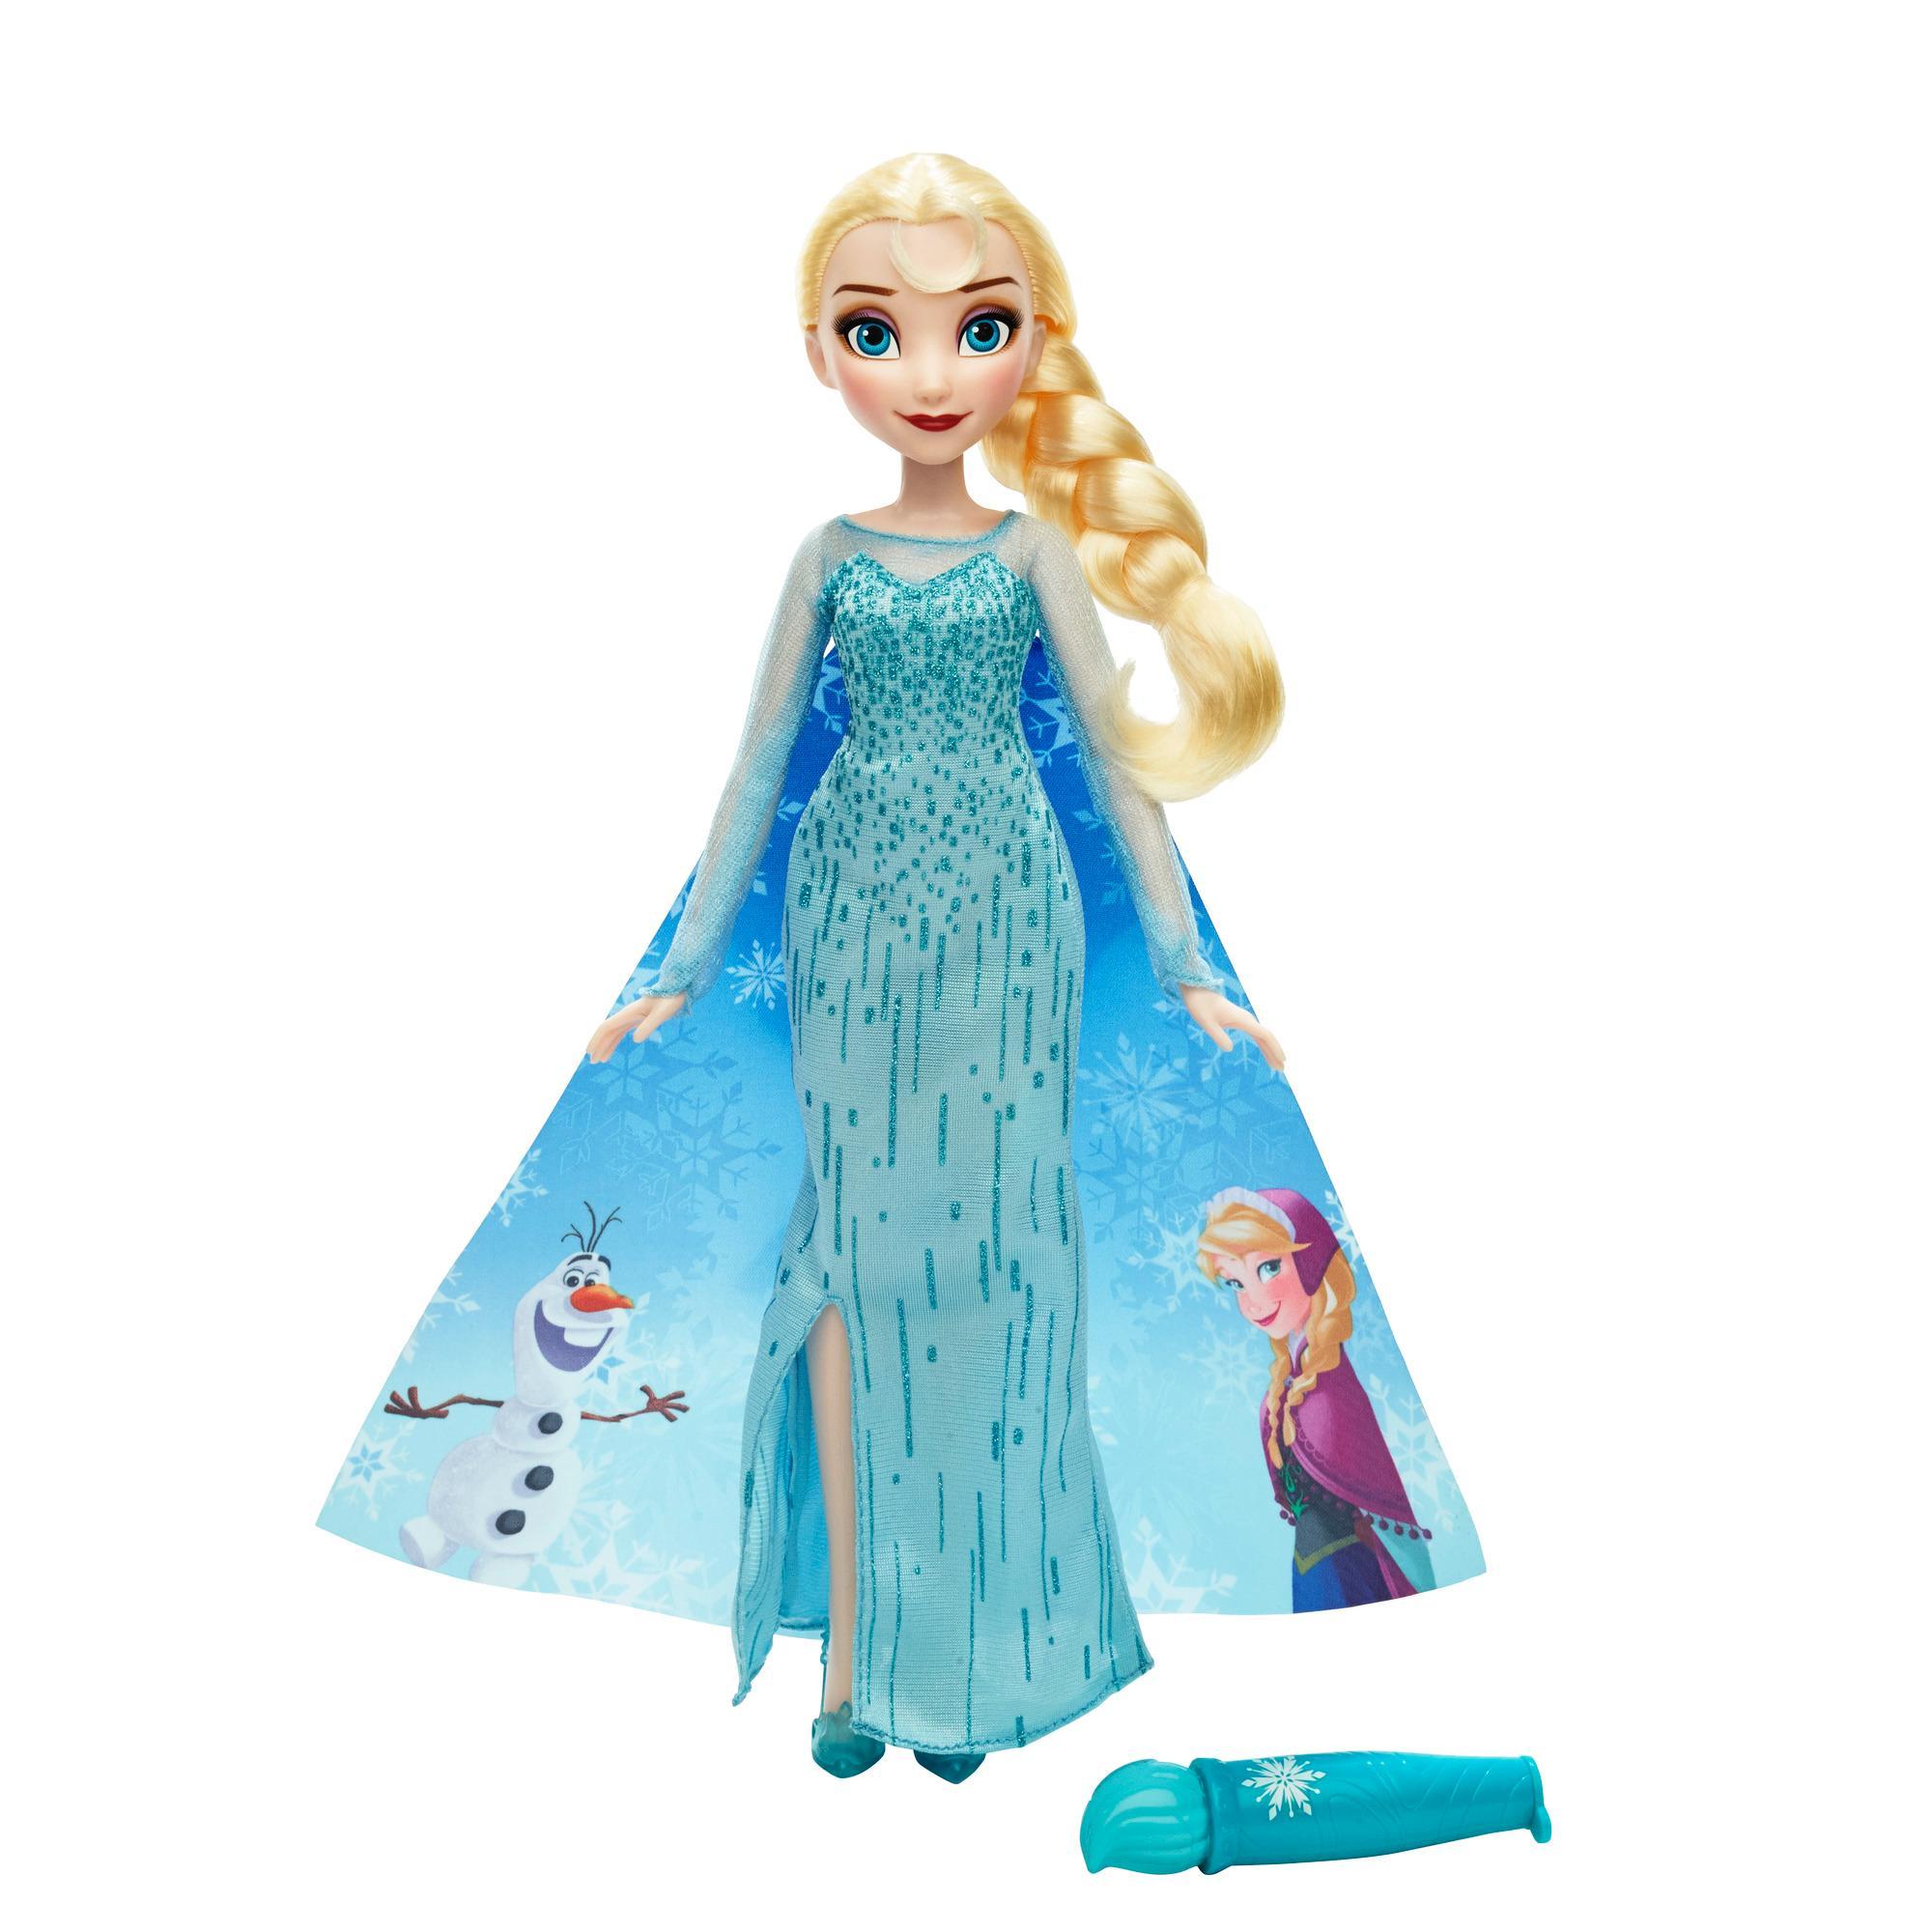 Boneca Vestido Mágico Frozen Elsa